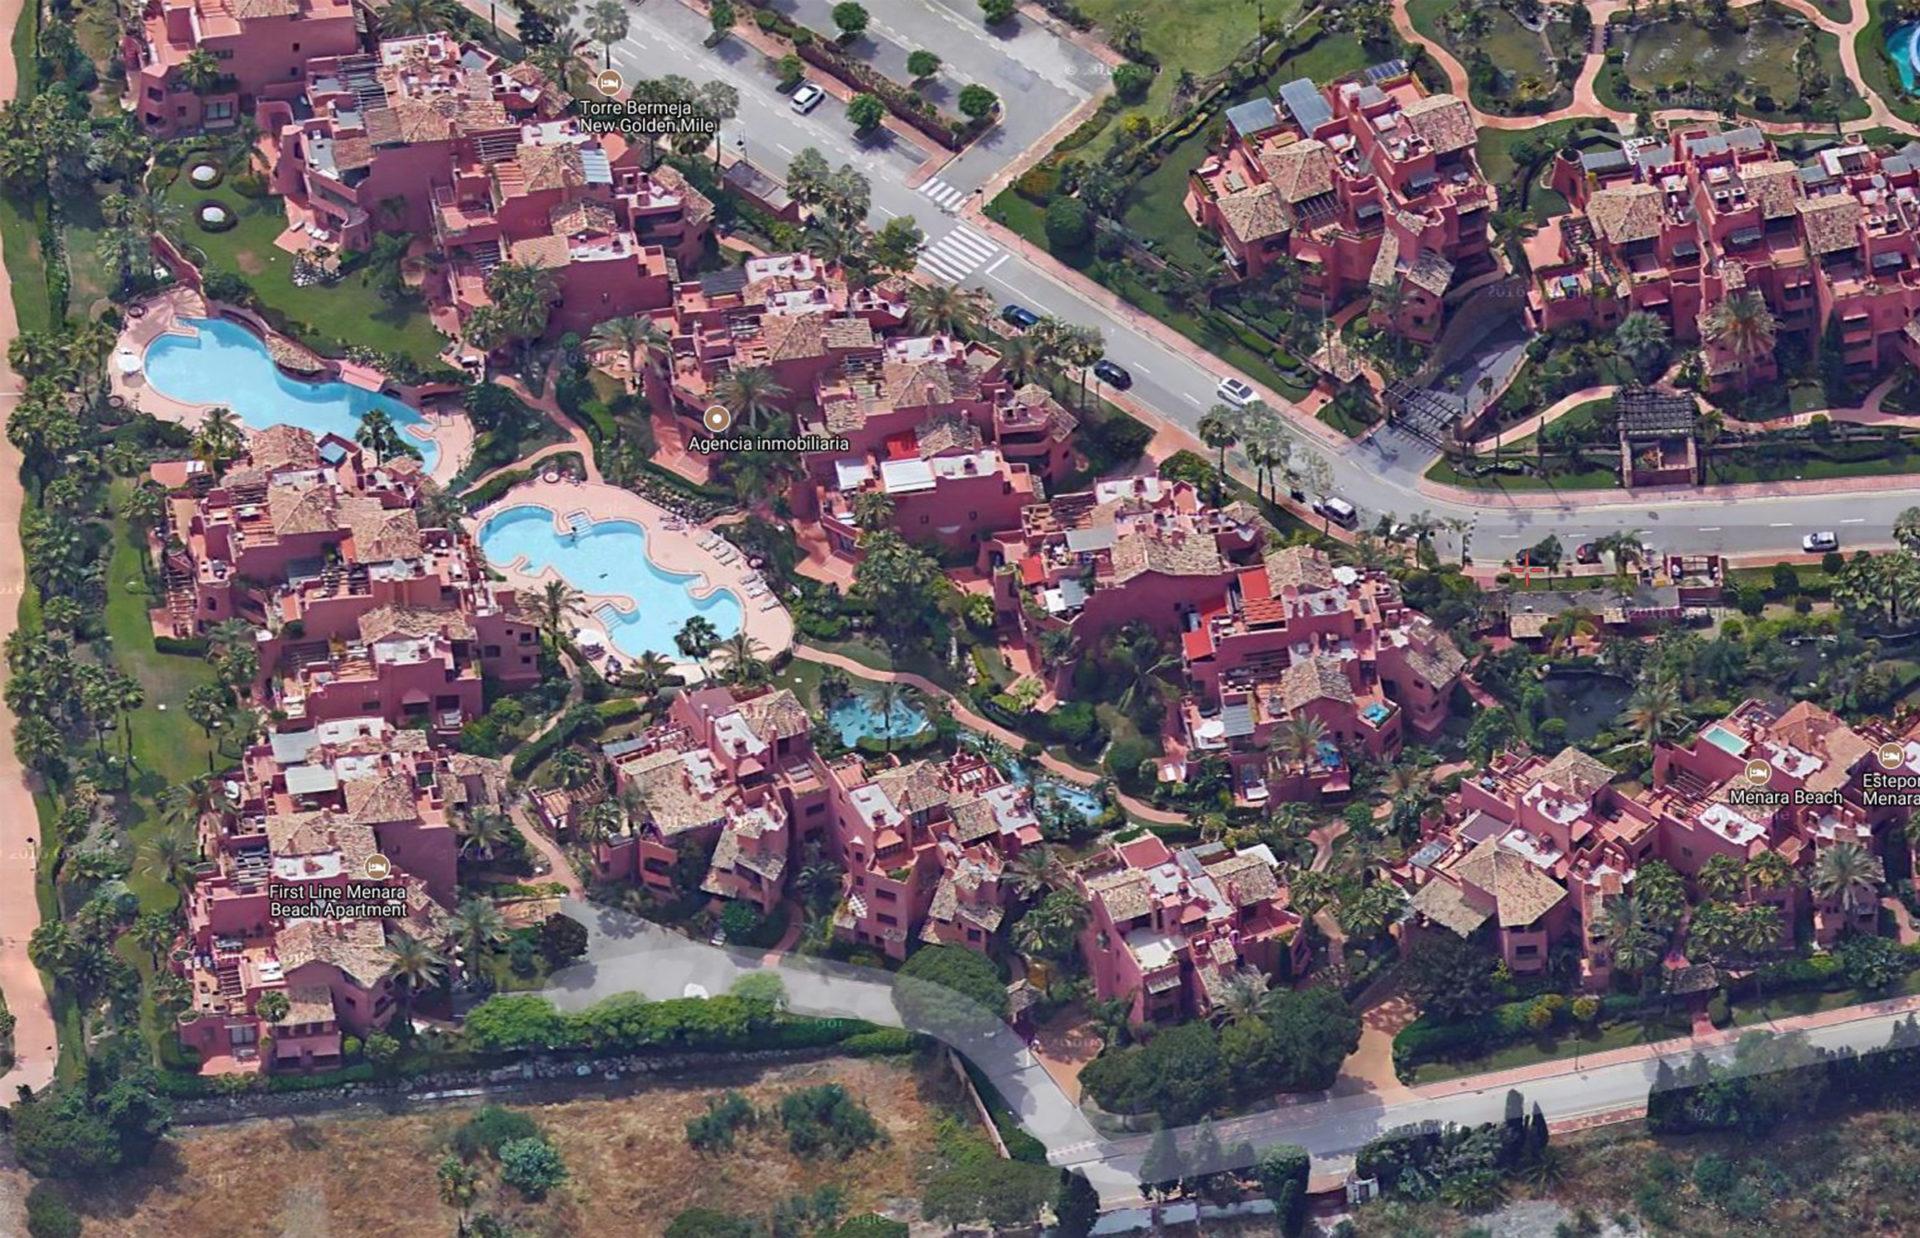 Paisajismo Urbanización Almenara, Marbella